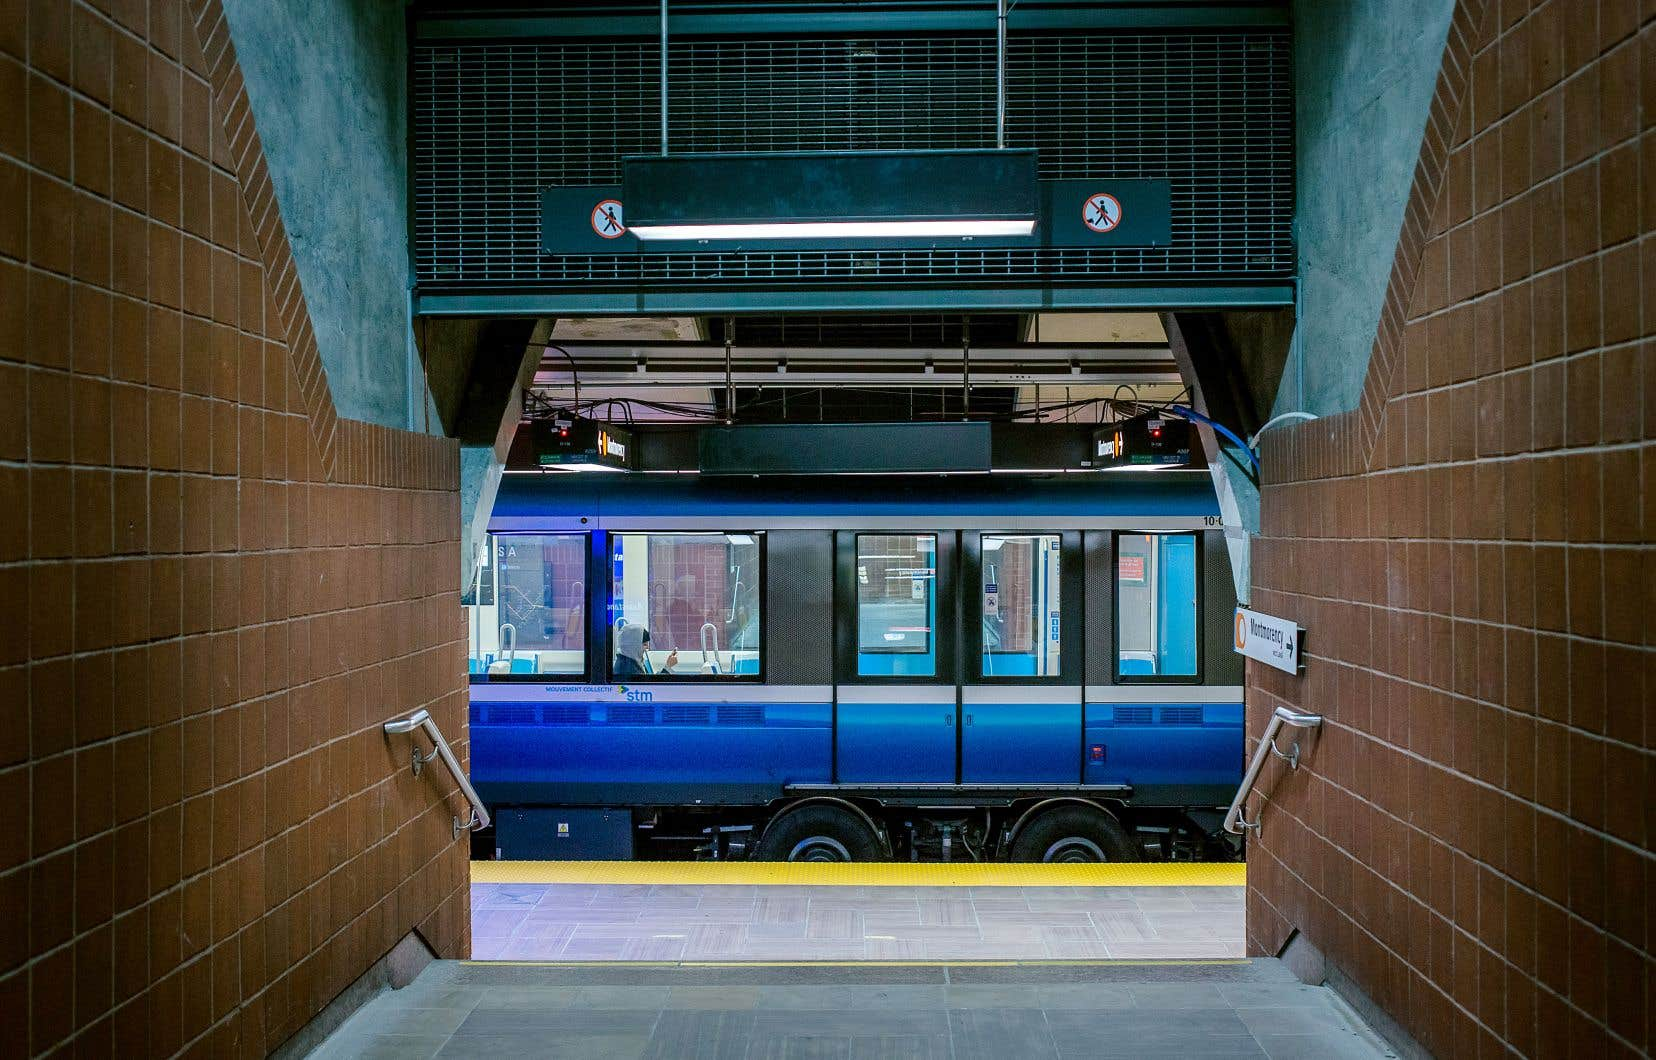 <p>Le réseau d'autobus et de métro fonctionne normalement, assure la STM.</p>